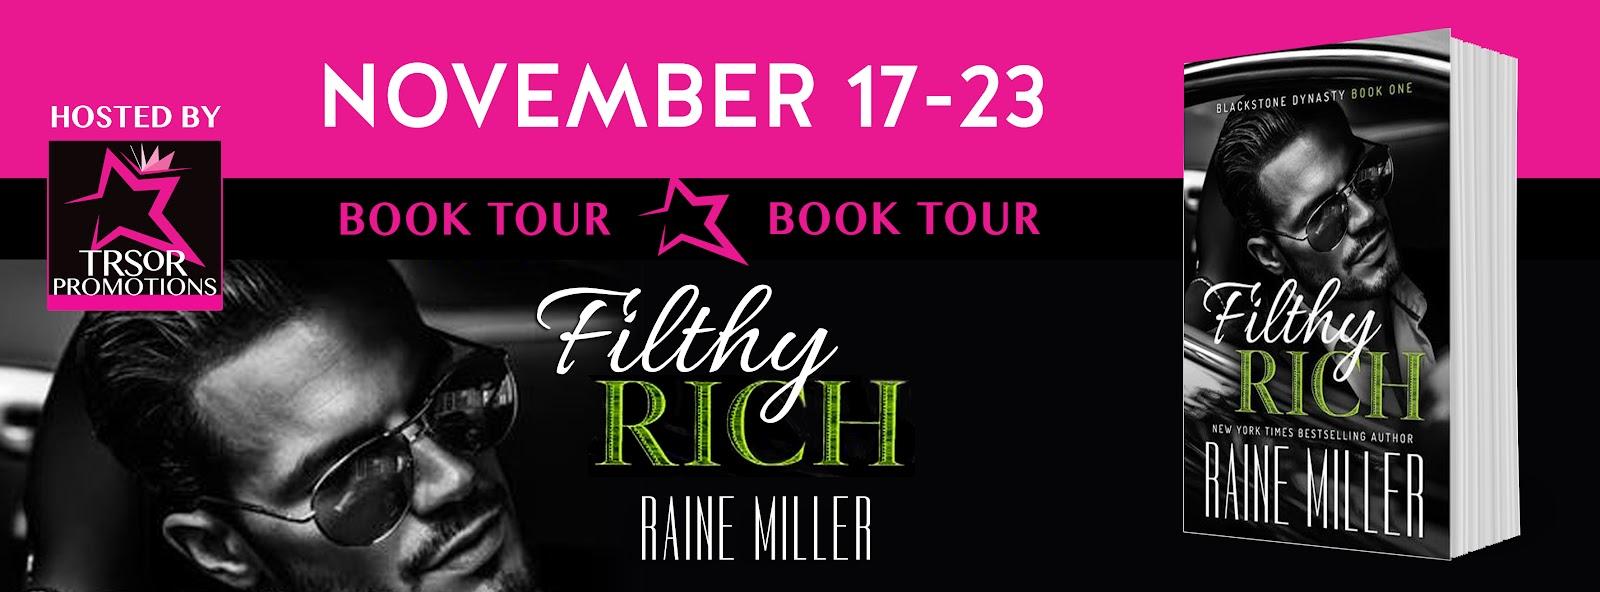 FILTHY_RICH_BOOK_TOUR.jpg